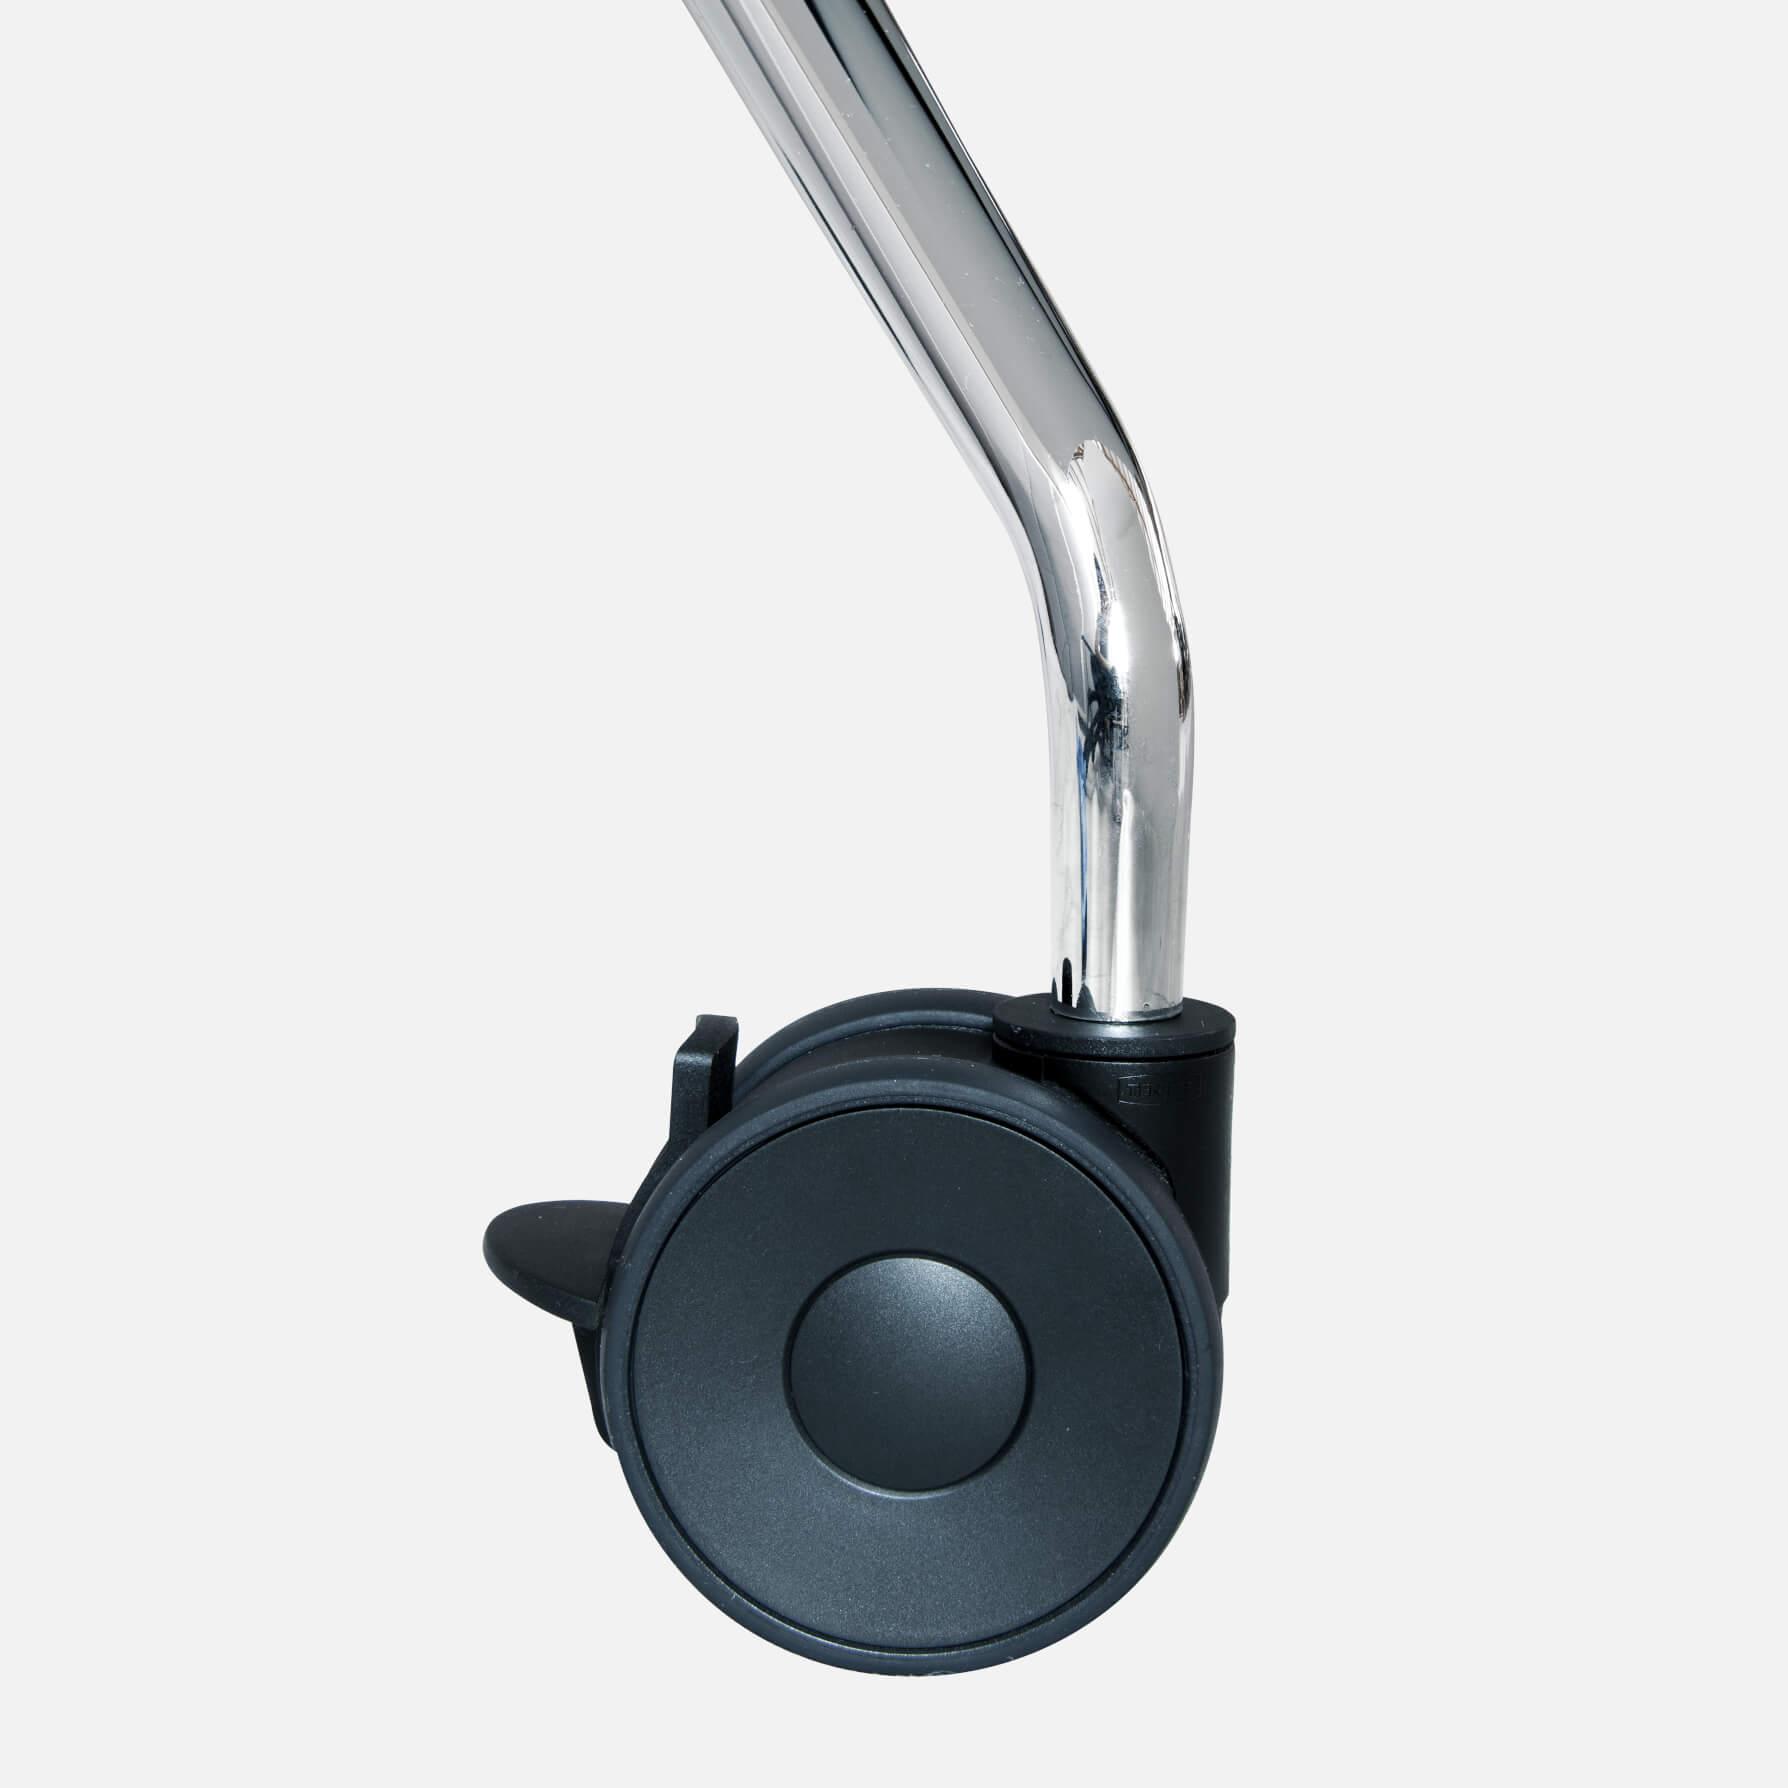 Falttisch Klapptisch 2.800 x 1.000 mm LIBRO Anthrazit Konferenztisch klappbar rollbar auf Rollen mobil